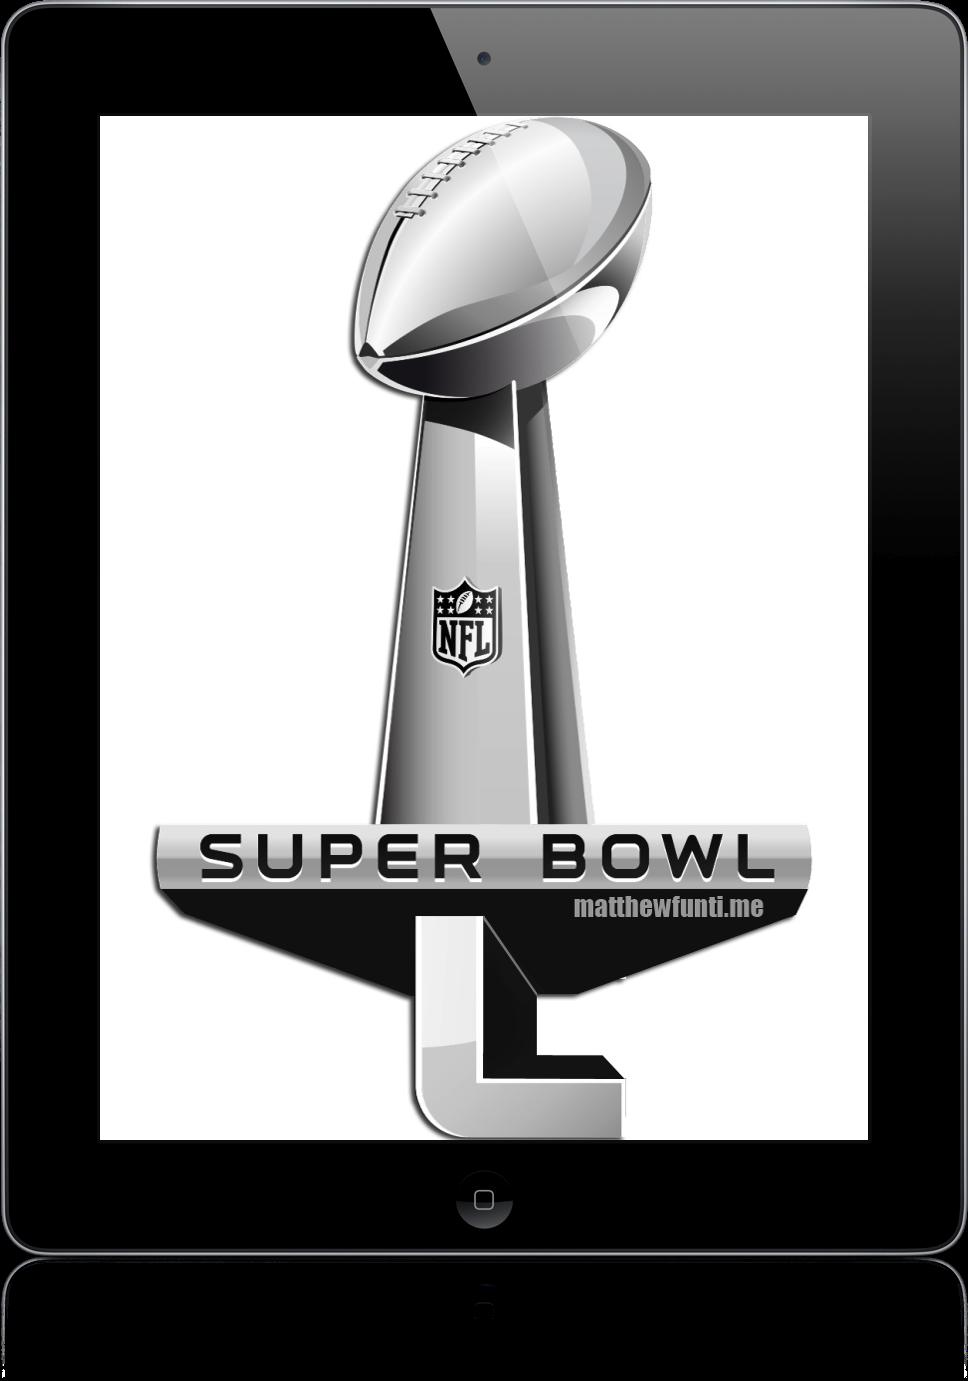 San Francisco's Final Super Bowl Bid Comes Via 32 Special iPads